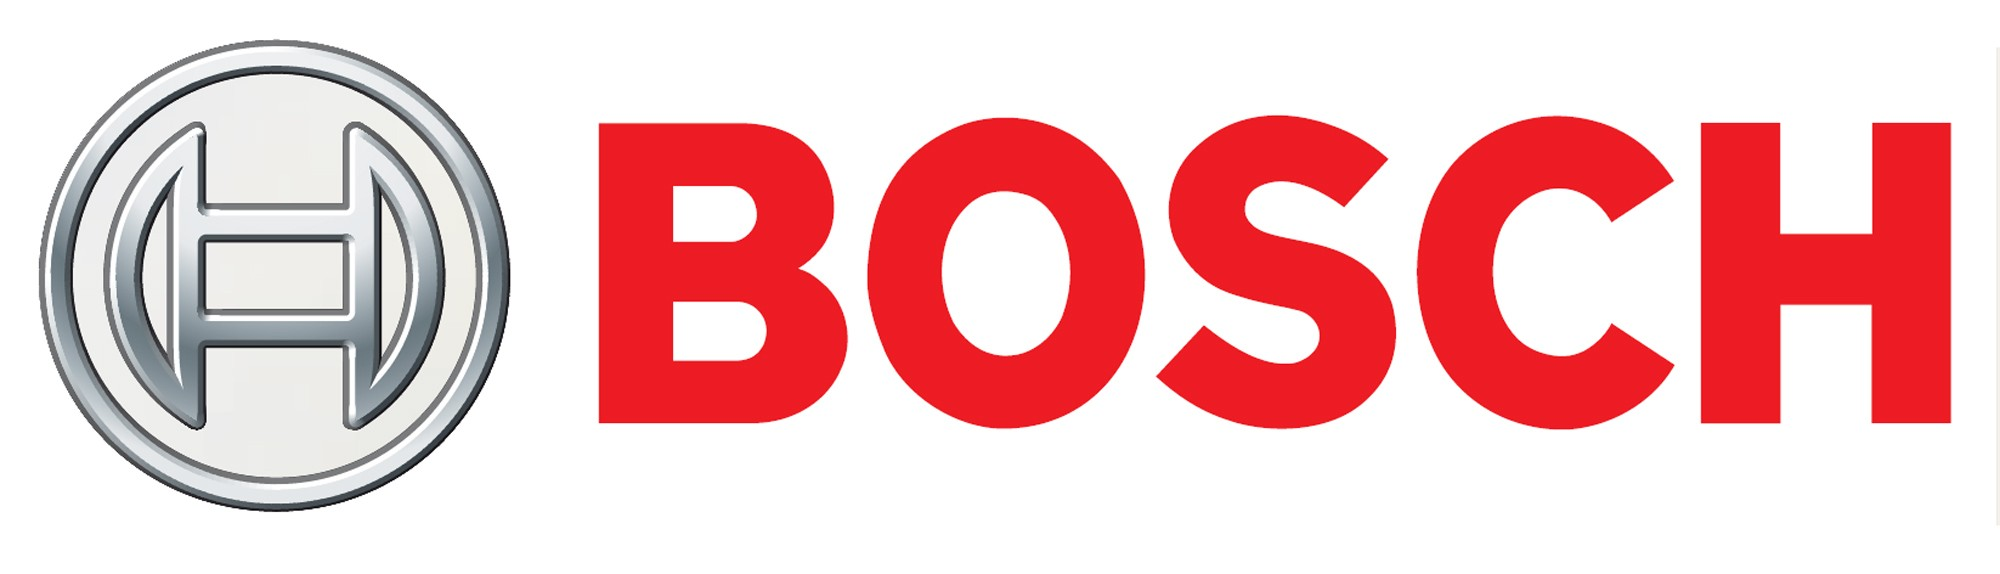 Ponçeuse Visseuse Bosch Pas Cher Outillage Perceuse qwwC5rE